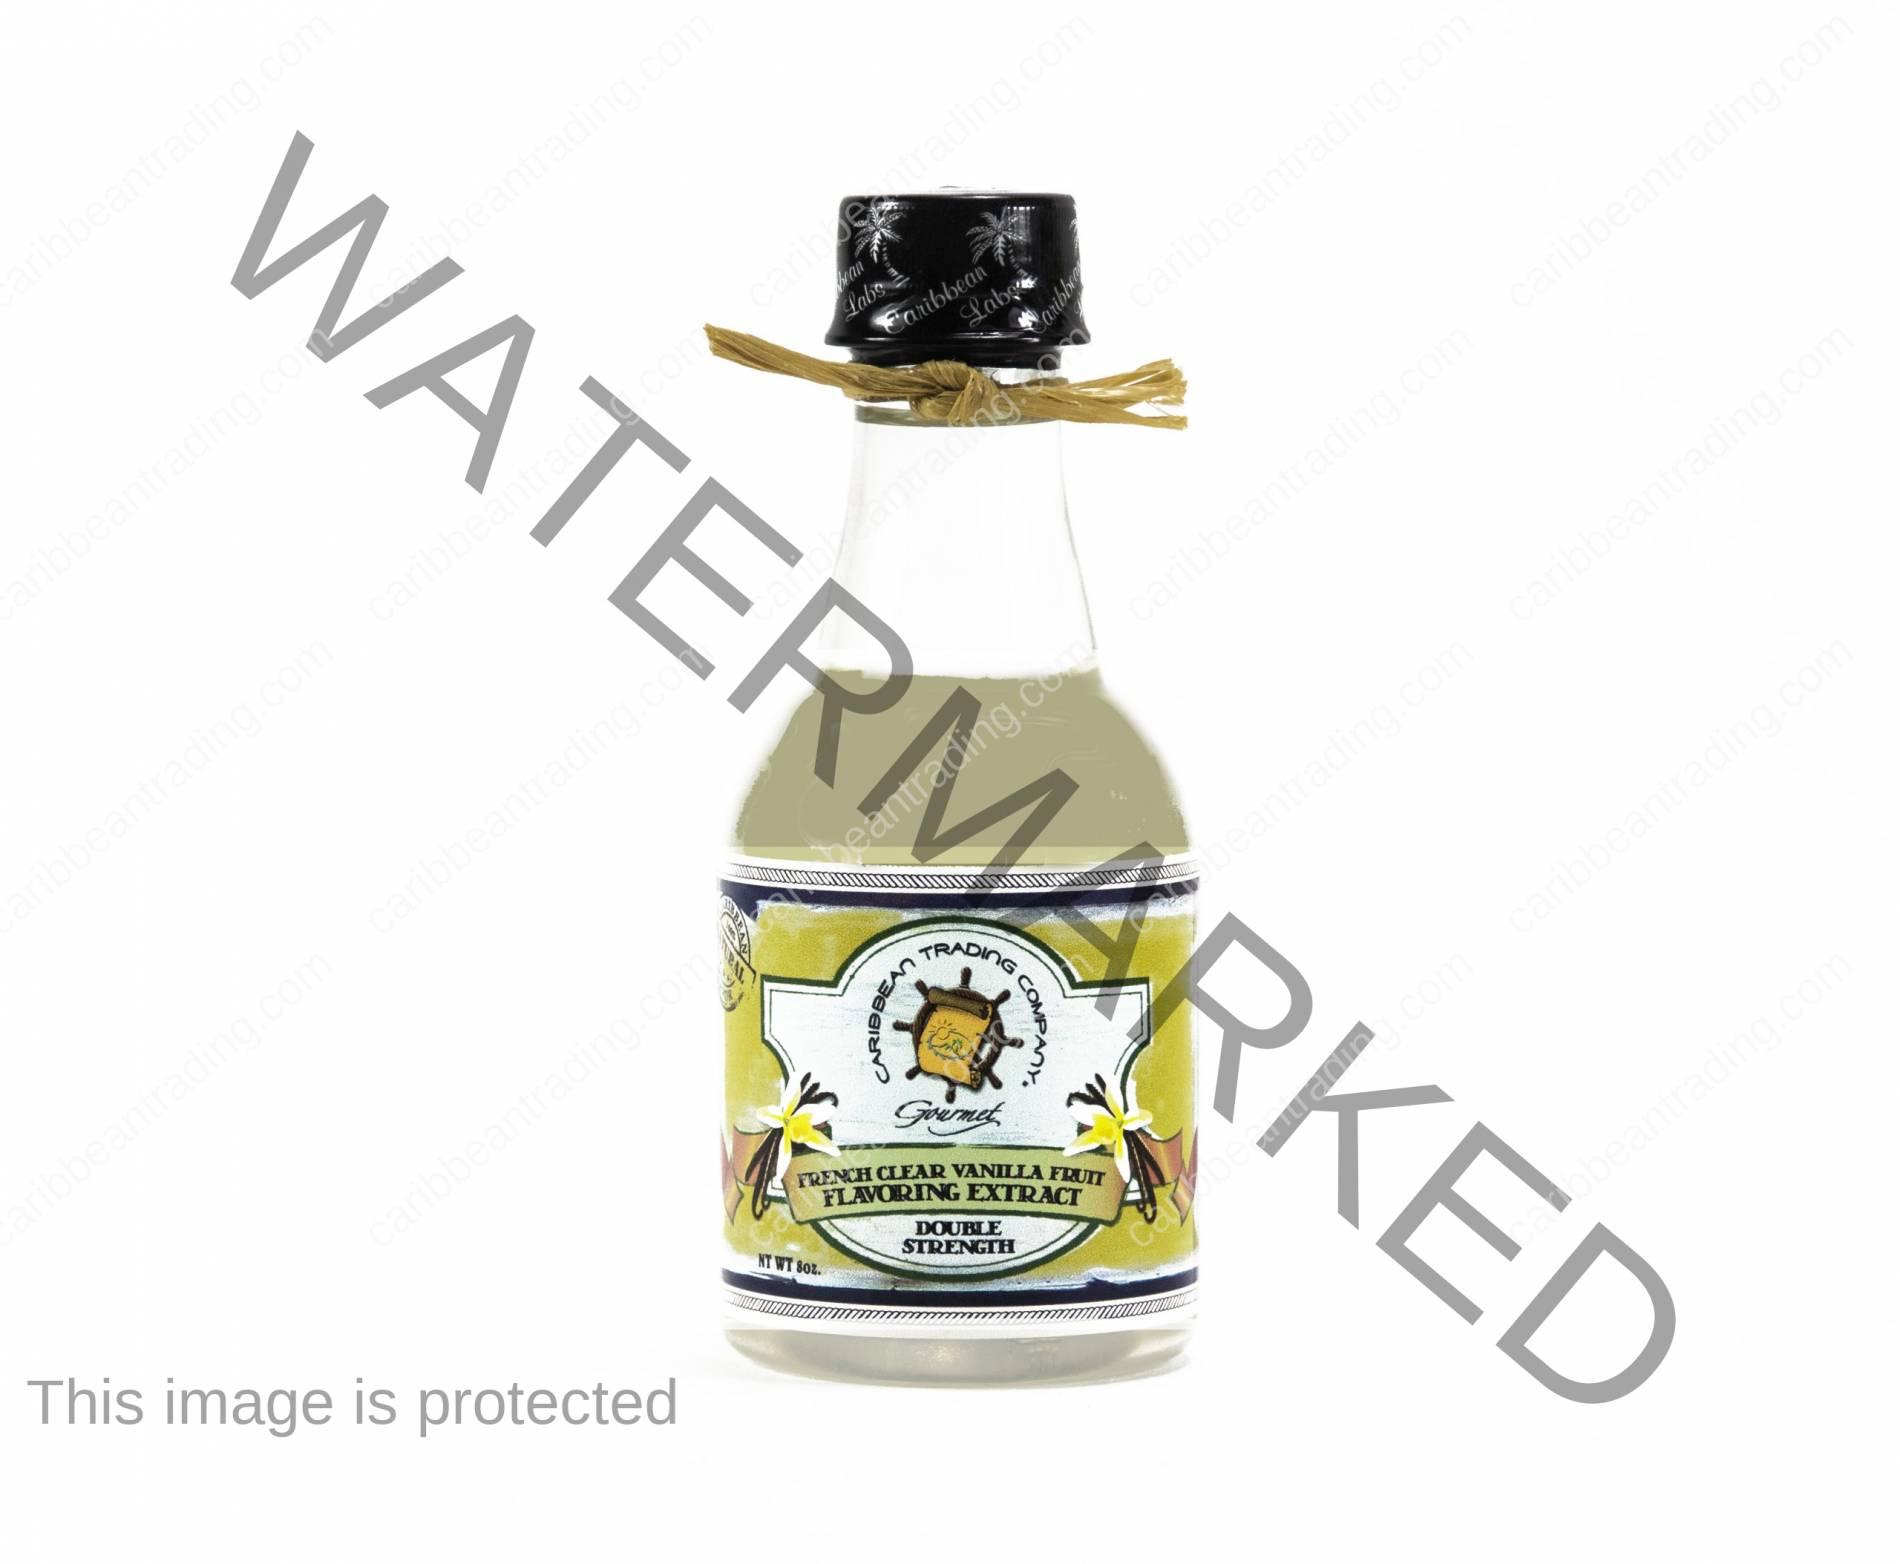 White Vanilla Extract - Double Strength - 8 oz.